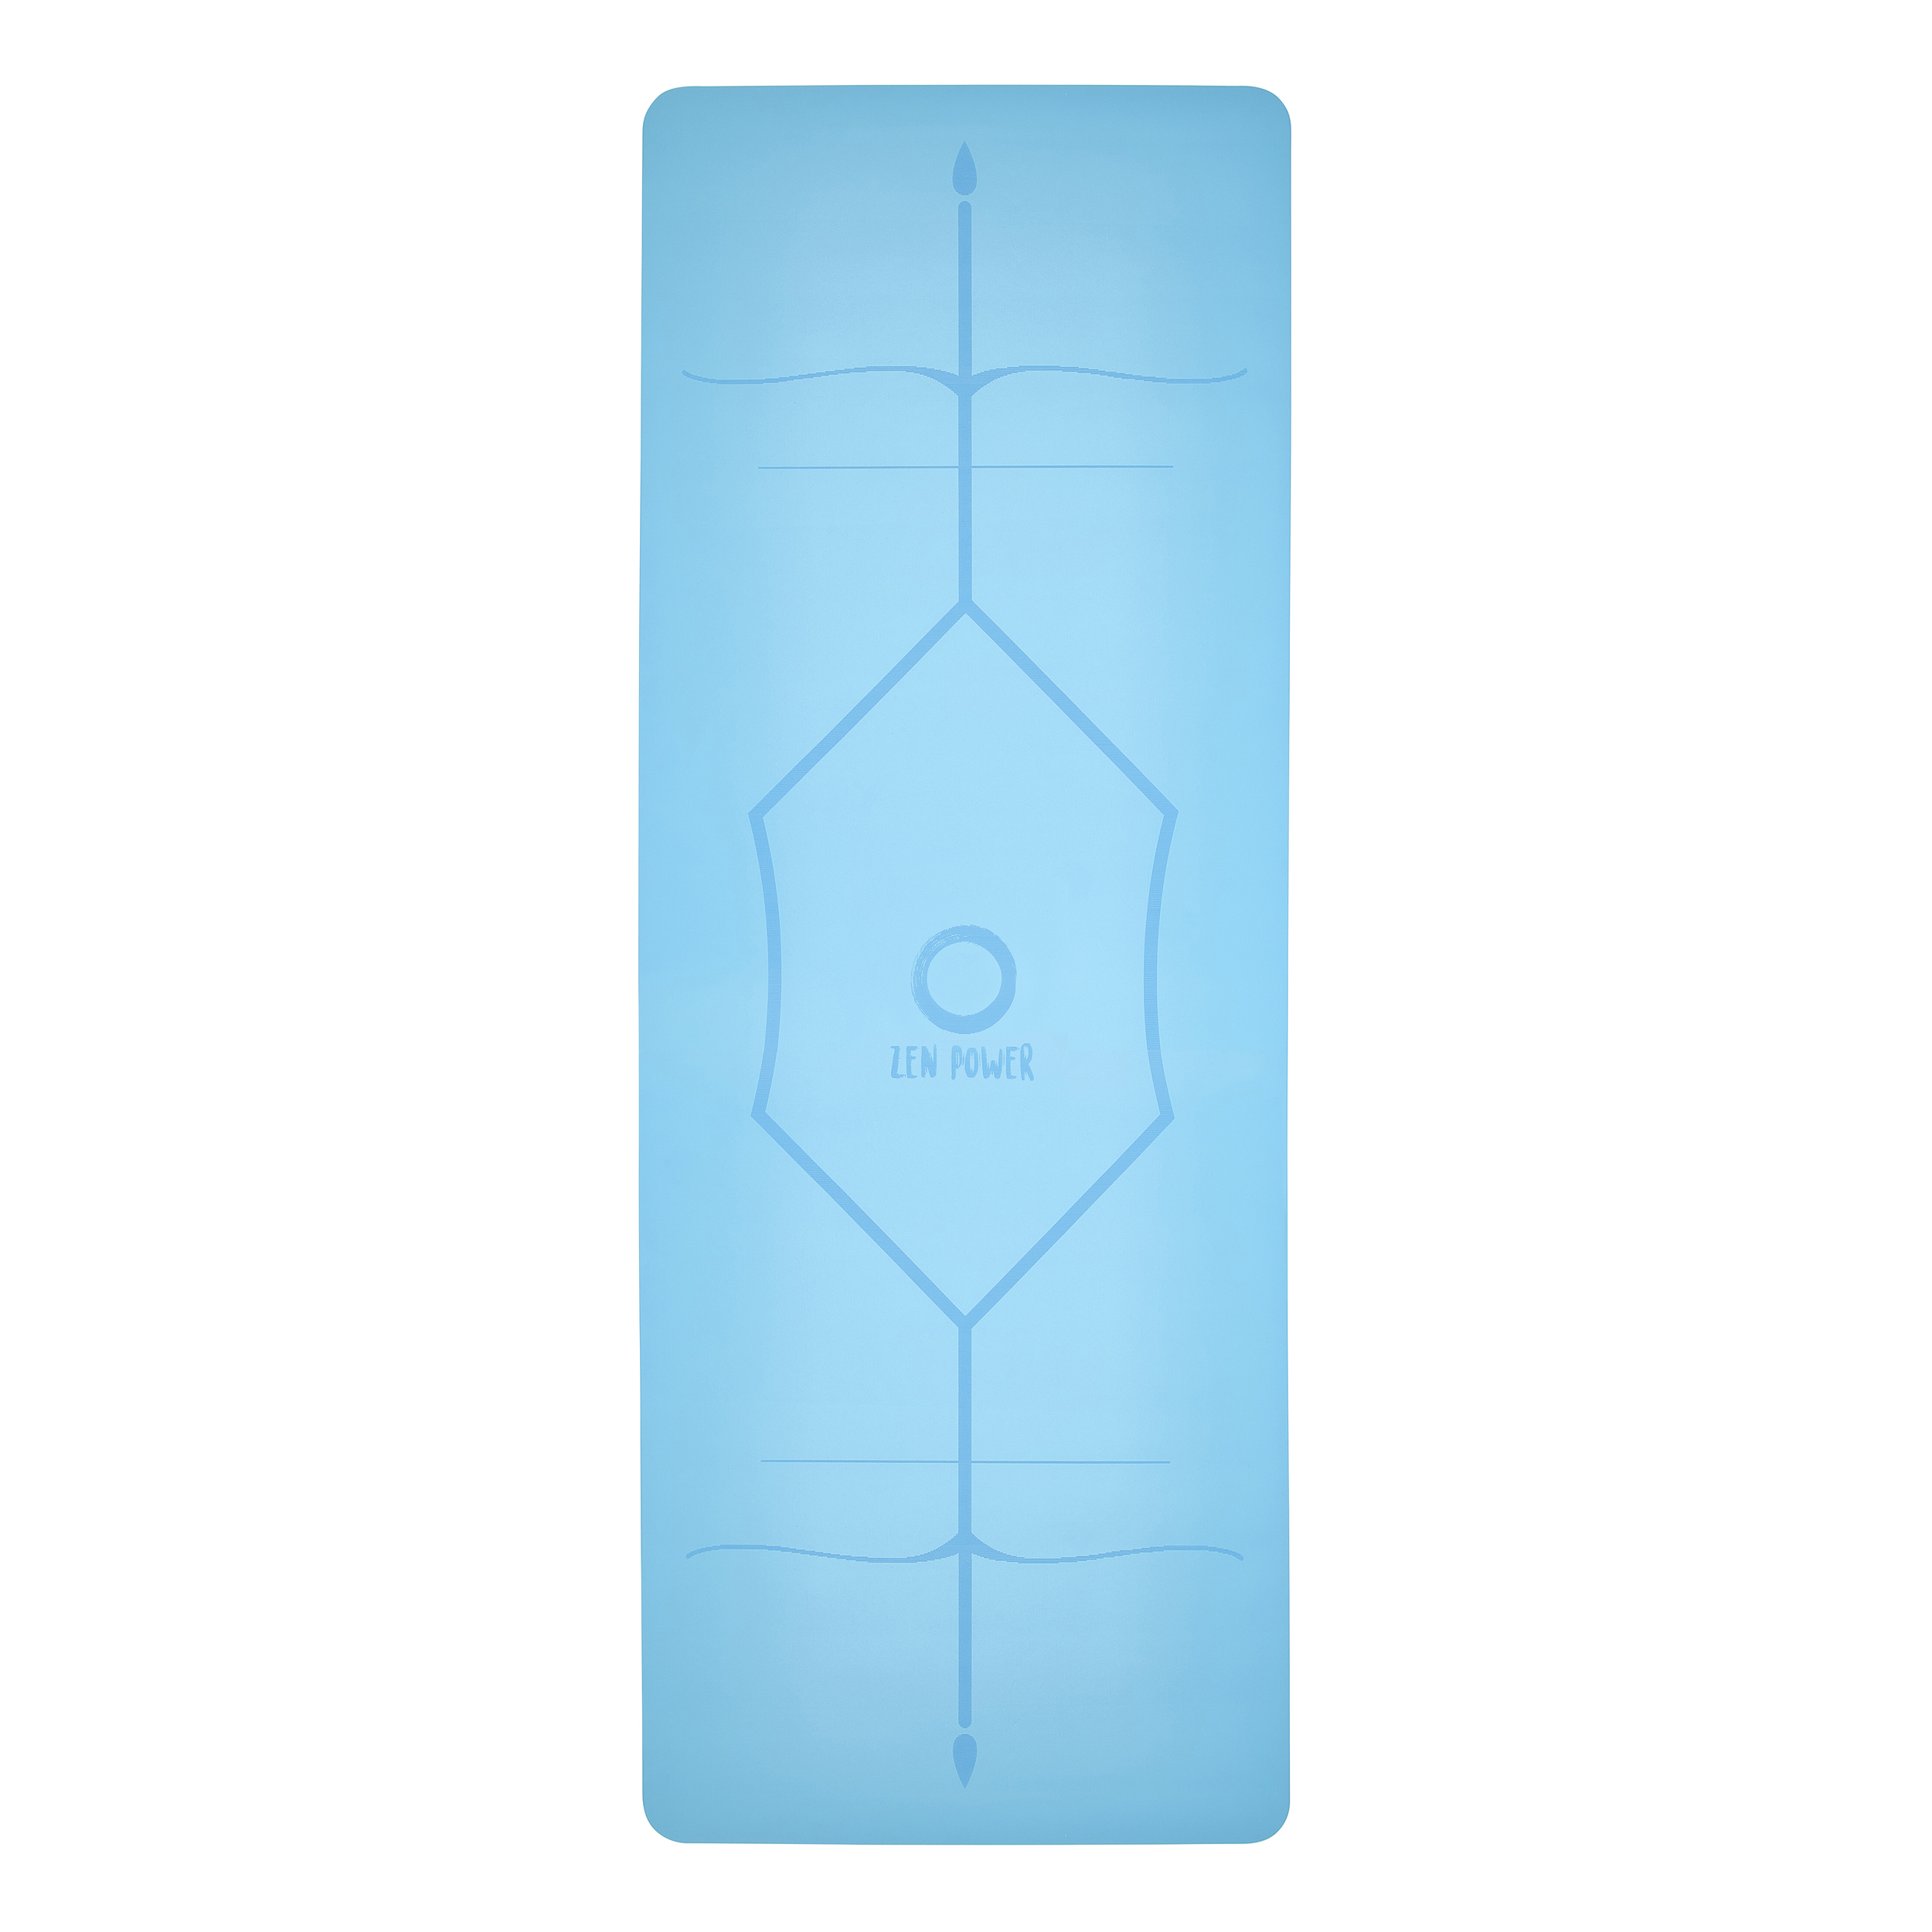 ZenPower Yogamatte Mandala - Hellblau